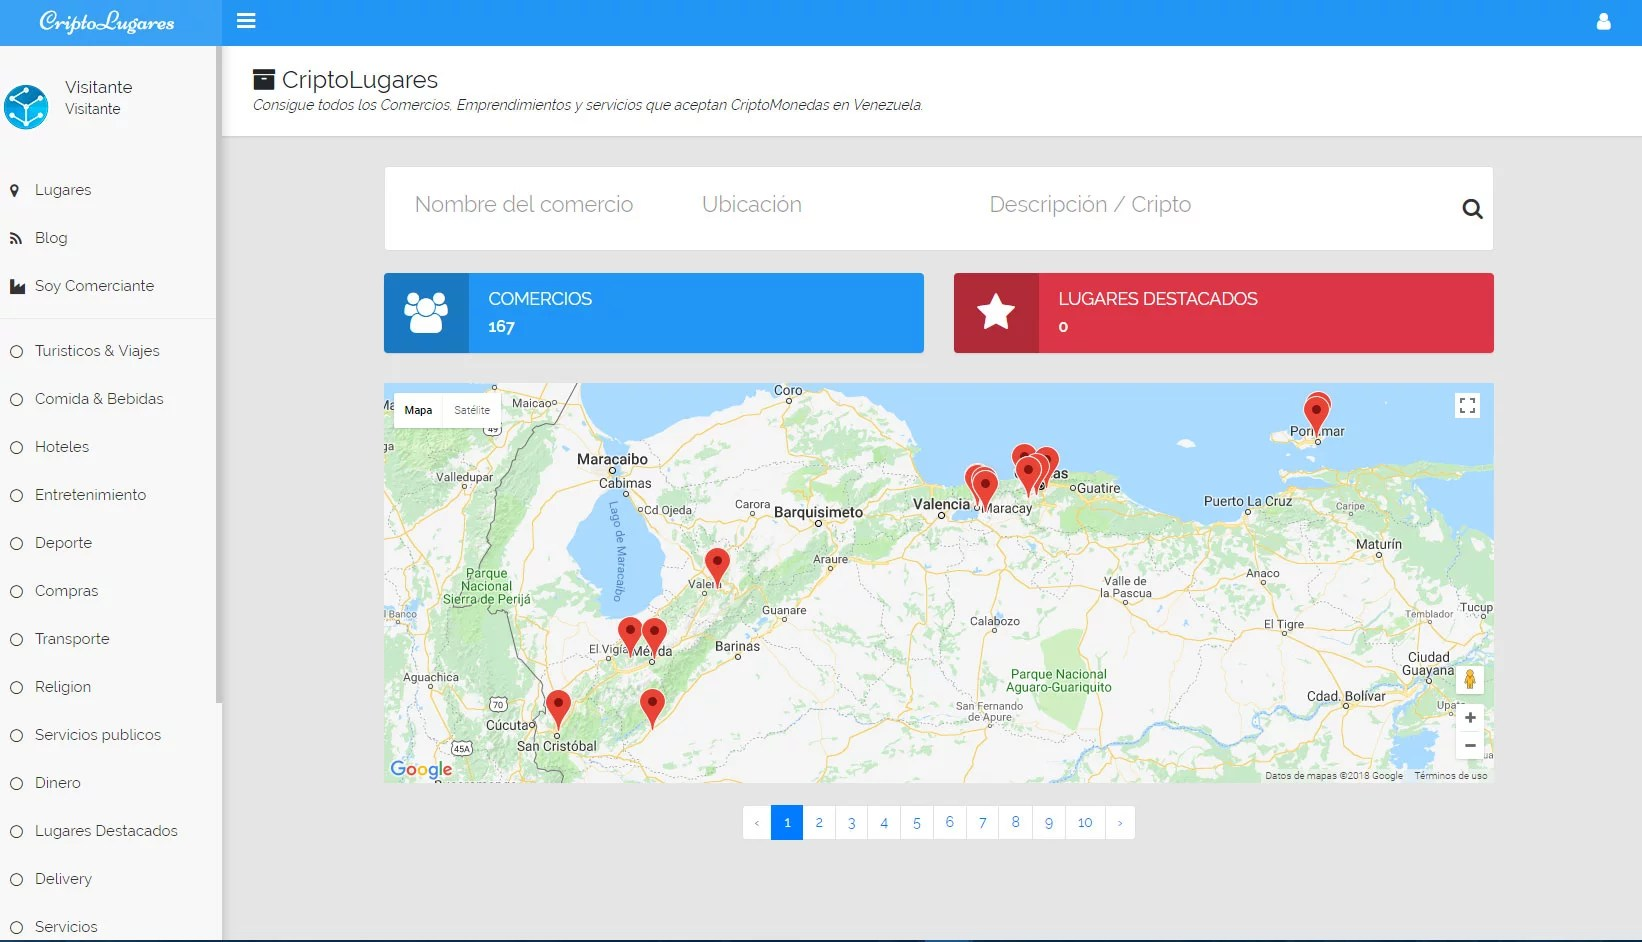 Criptolugares - Consigue todos los Comercios, Emprendimientos y servicios que aceptan CriptoMonedas en Venezuela.